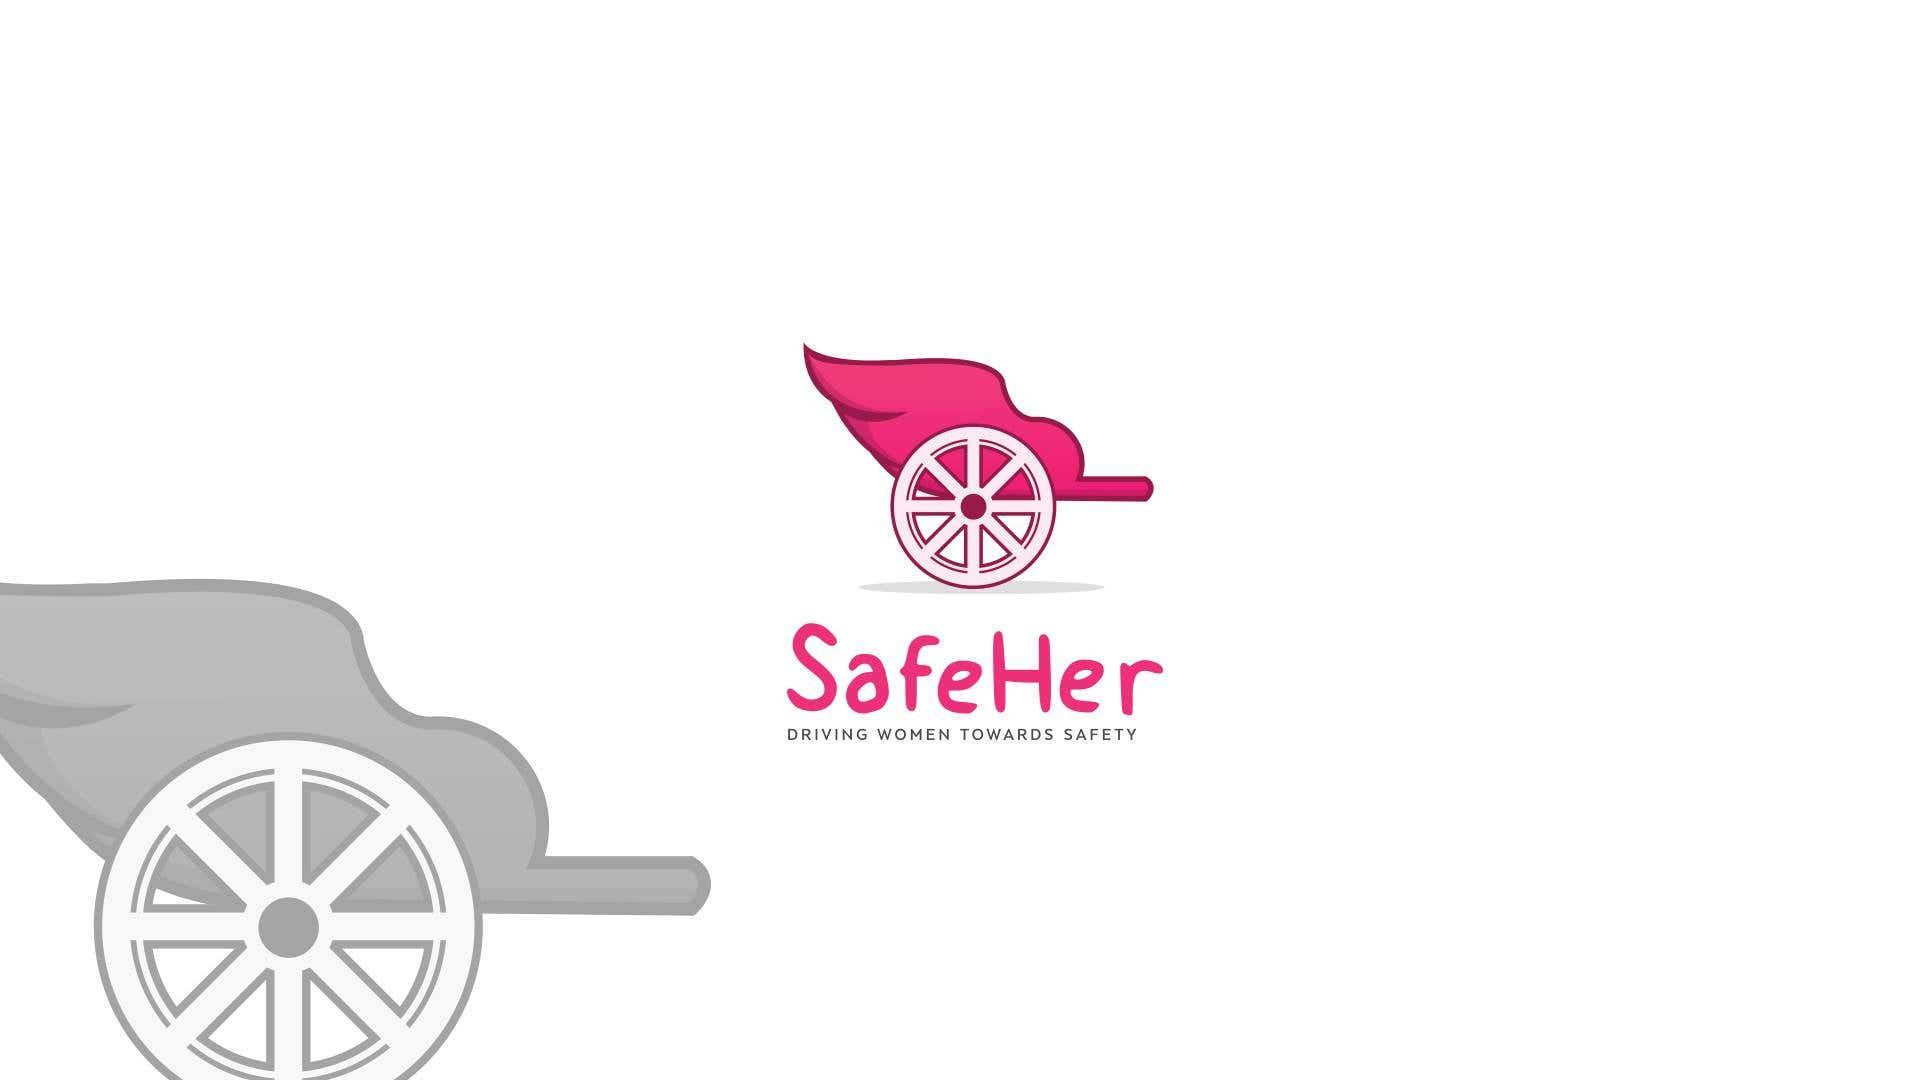 SafeHer Company Logo